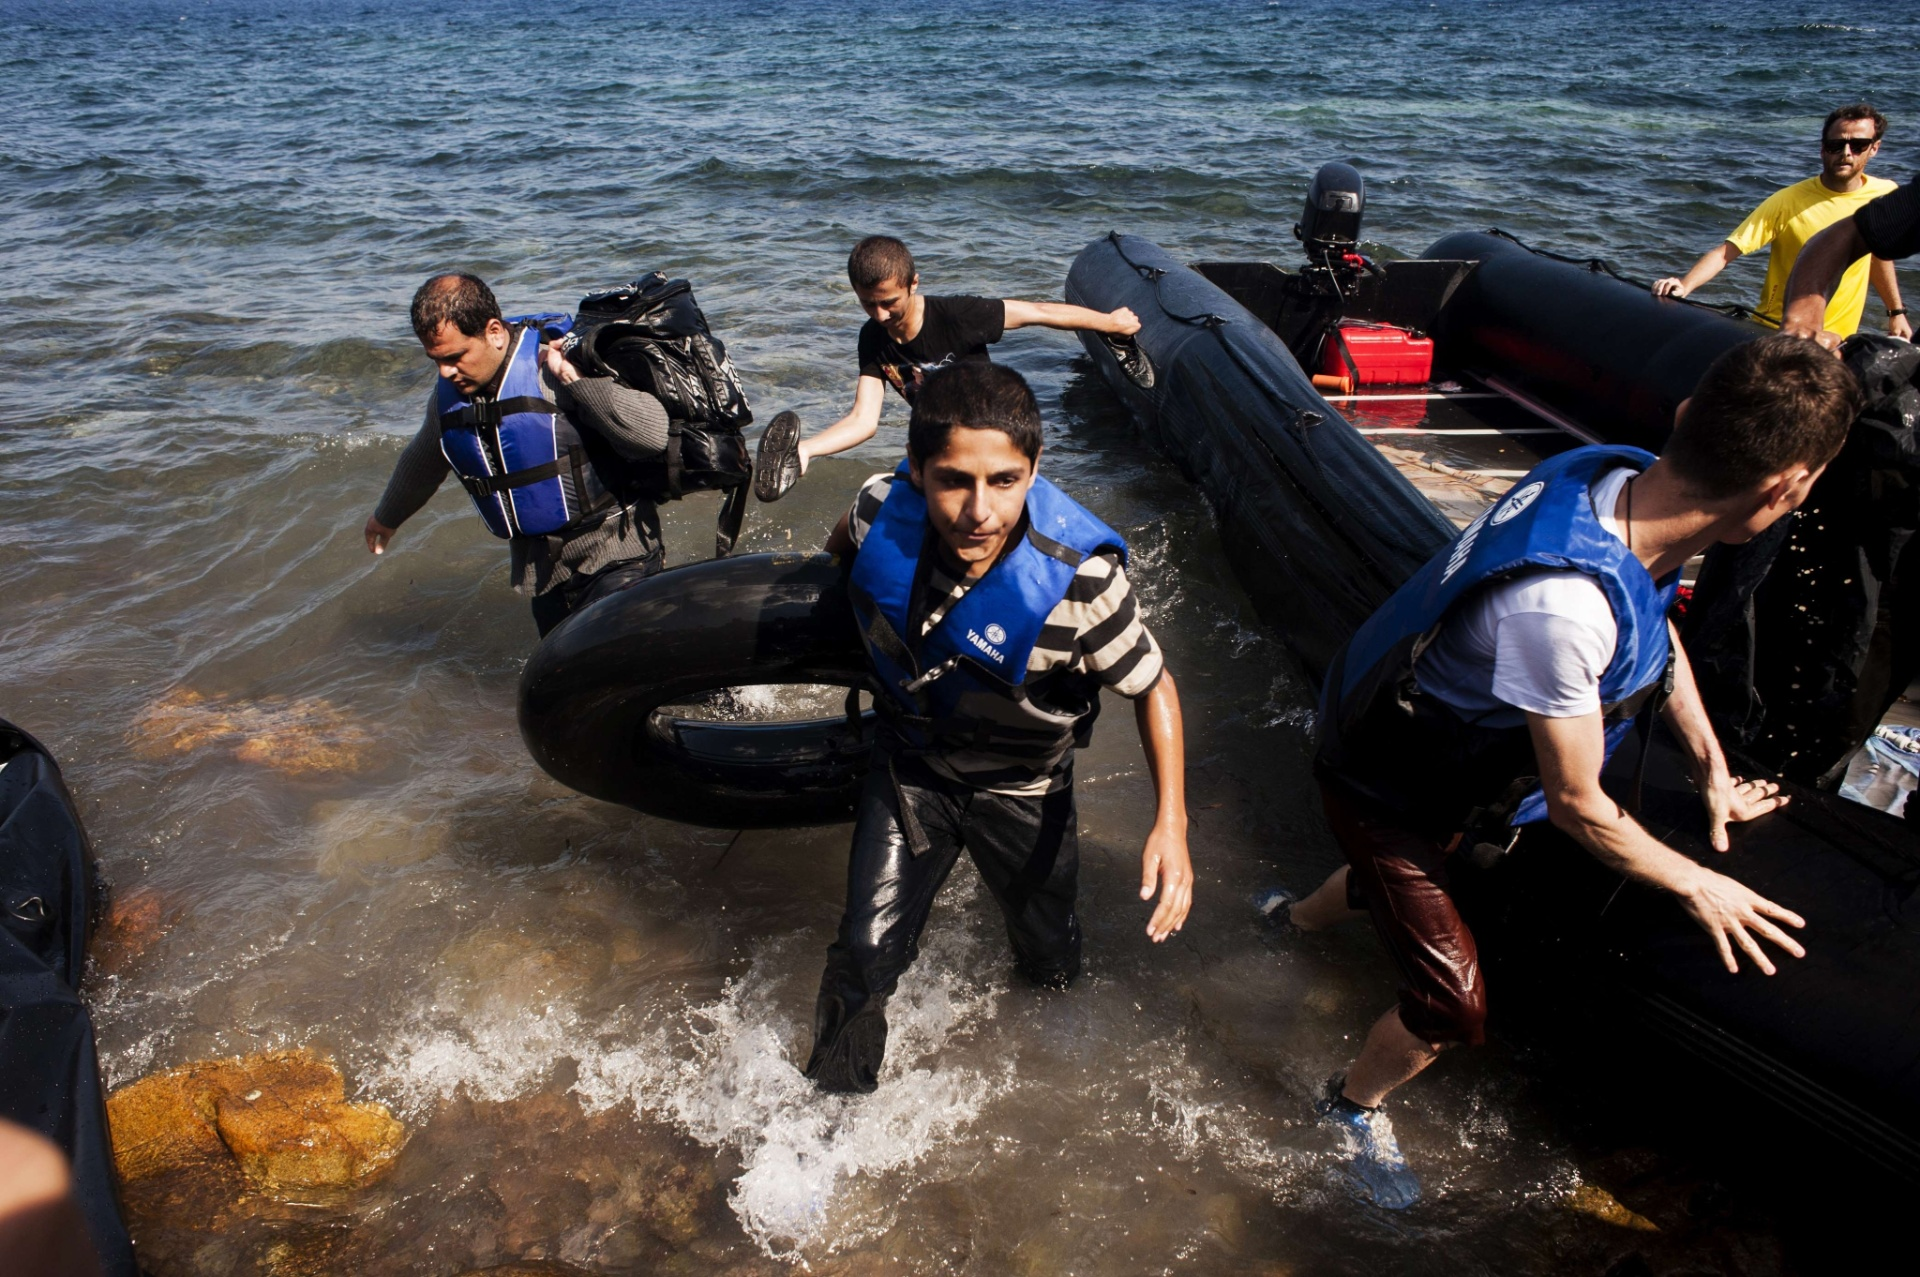 25.set.2015 - Imigrantes sírios chegam de bote à Grécia após atravessar o mar Egeu. Um total de 3.938 refugiados seguiram nesta sexta-feira para o porto ateniense do Pireo